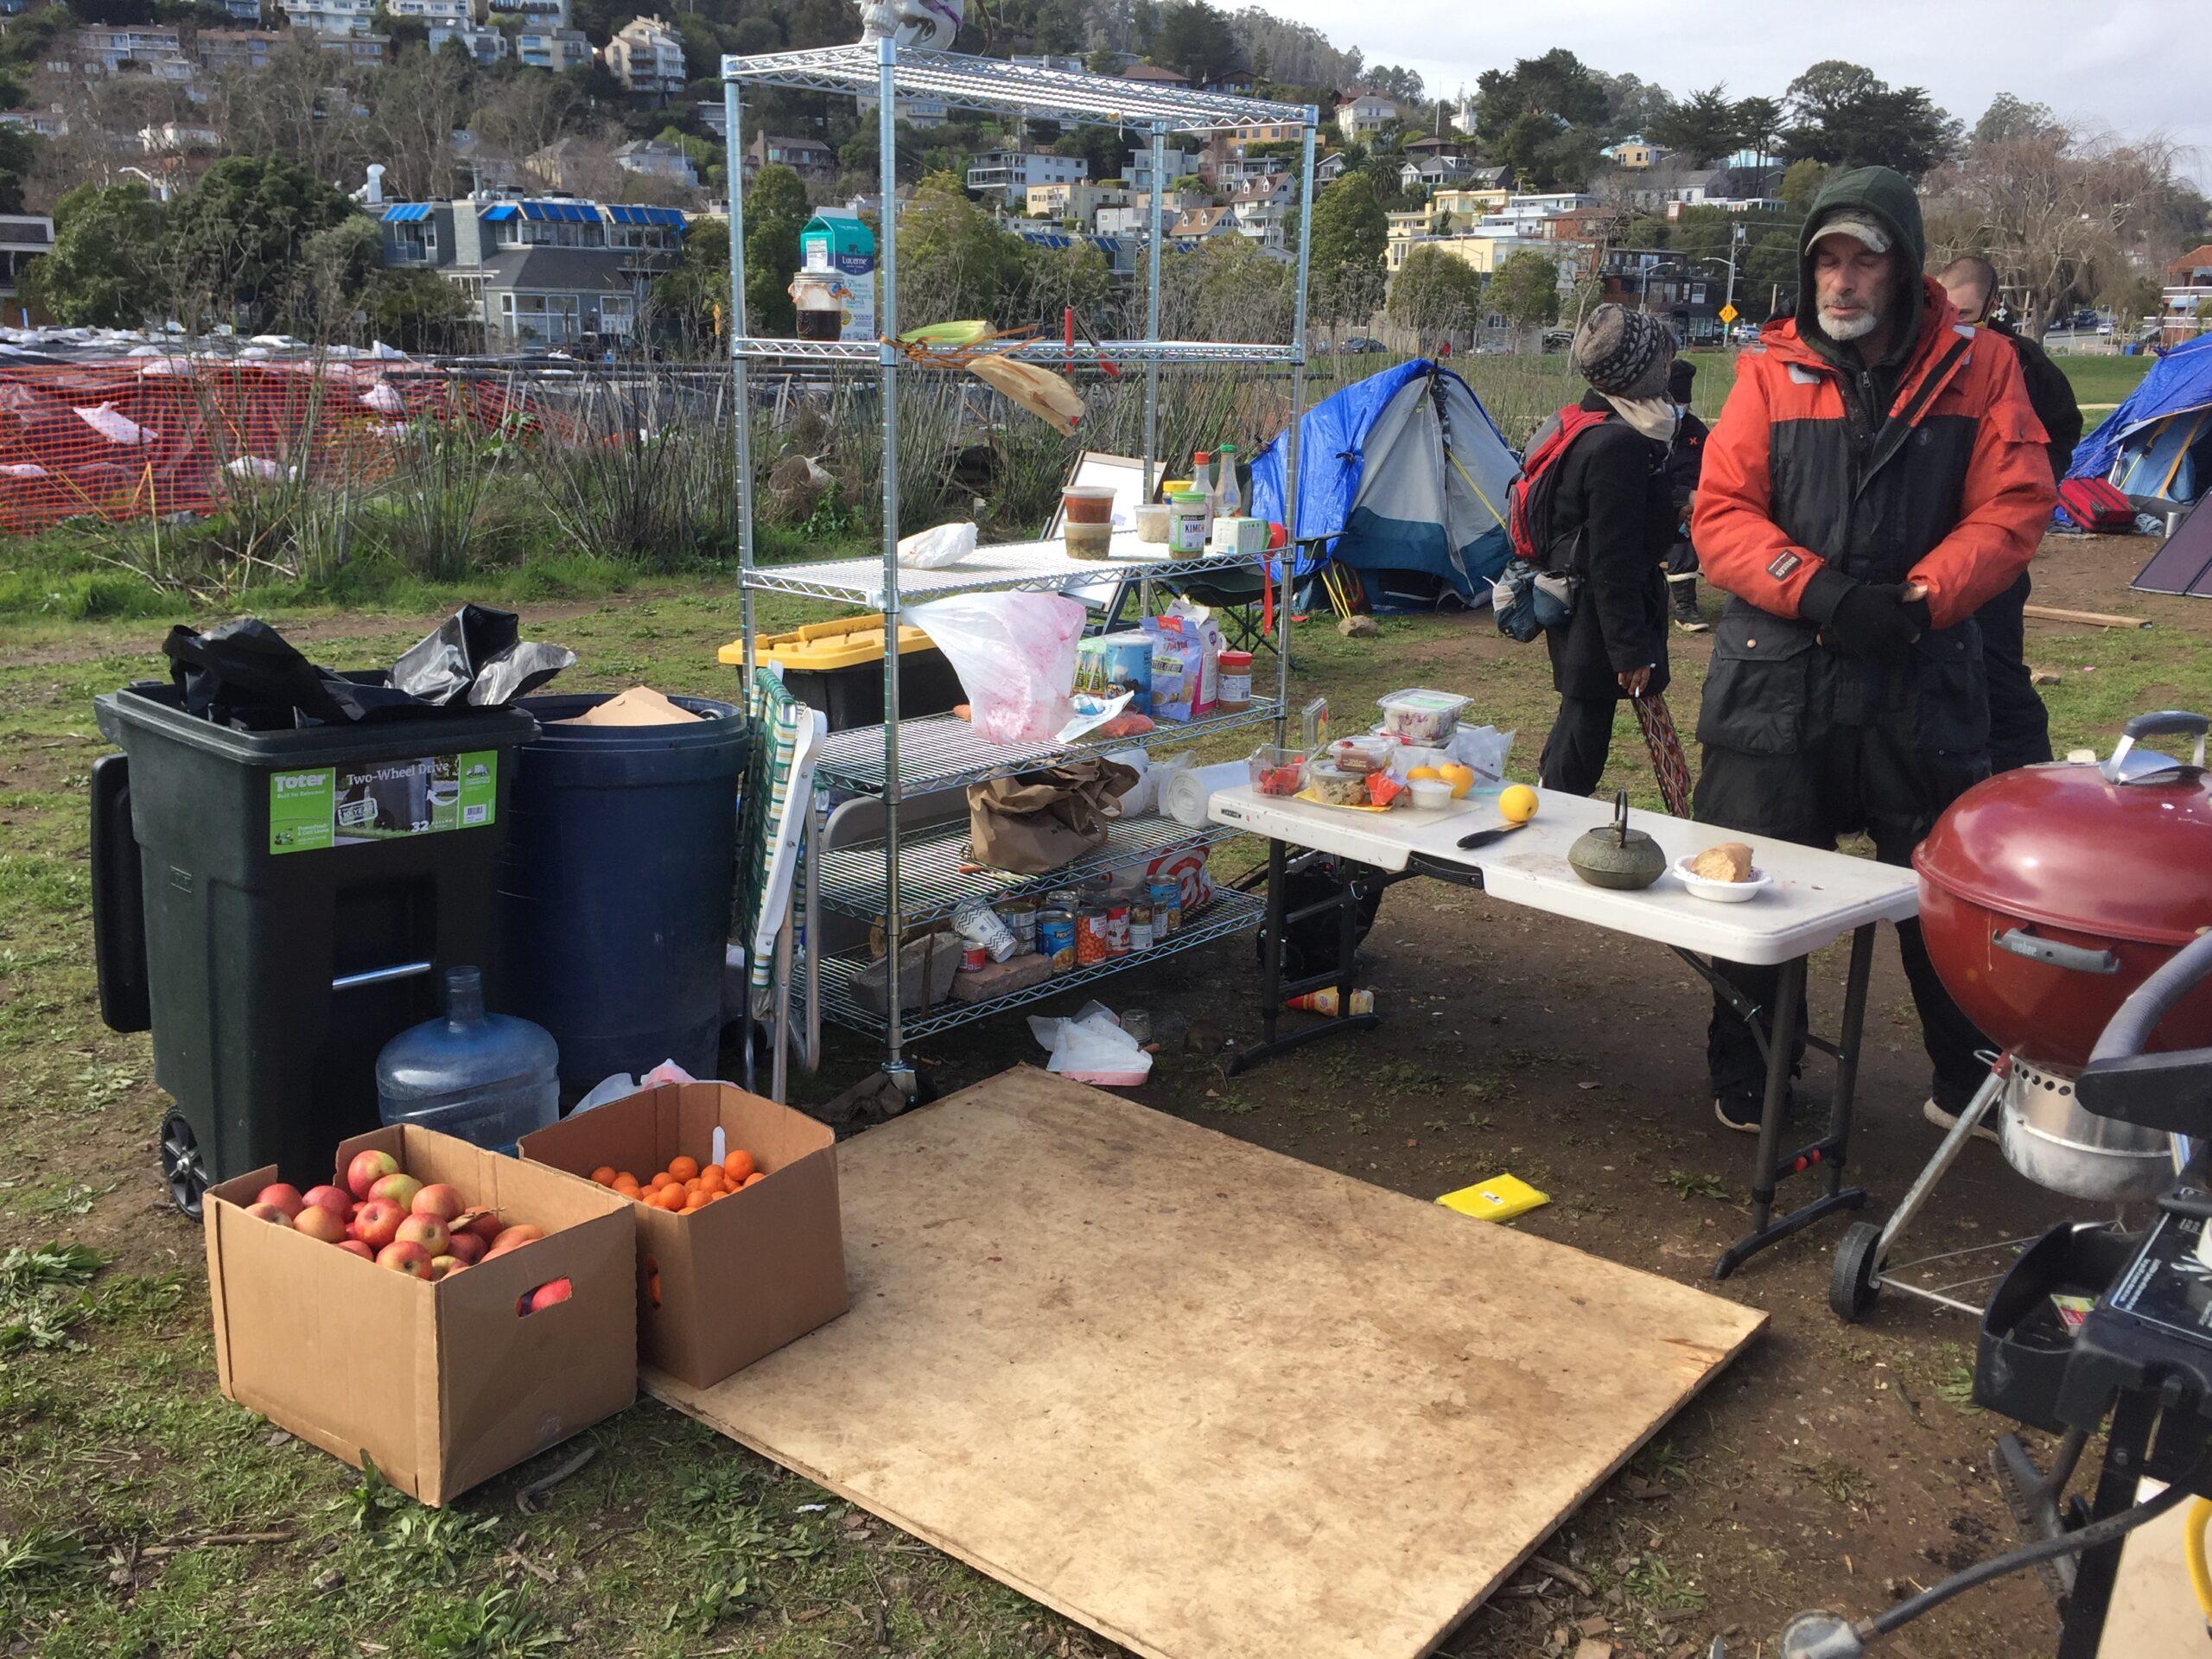 Sausolito California Encampment